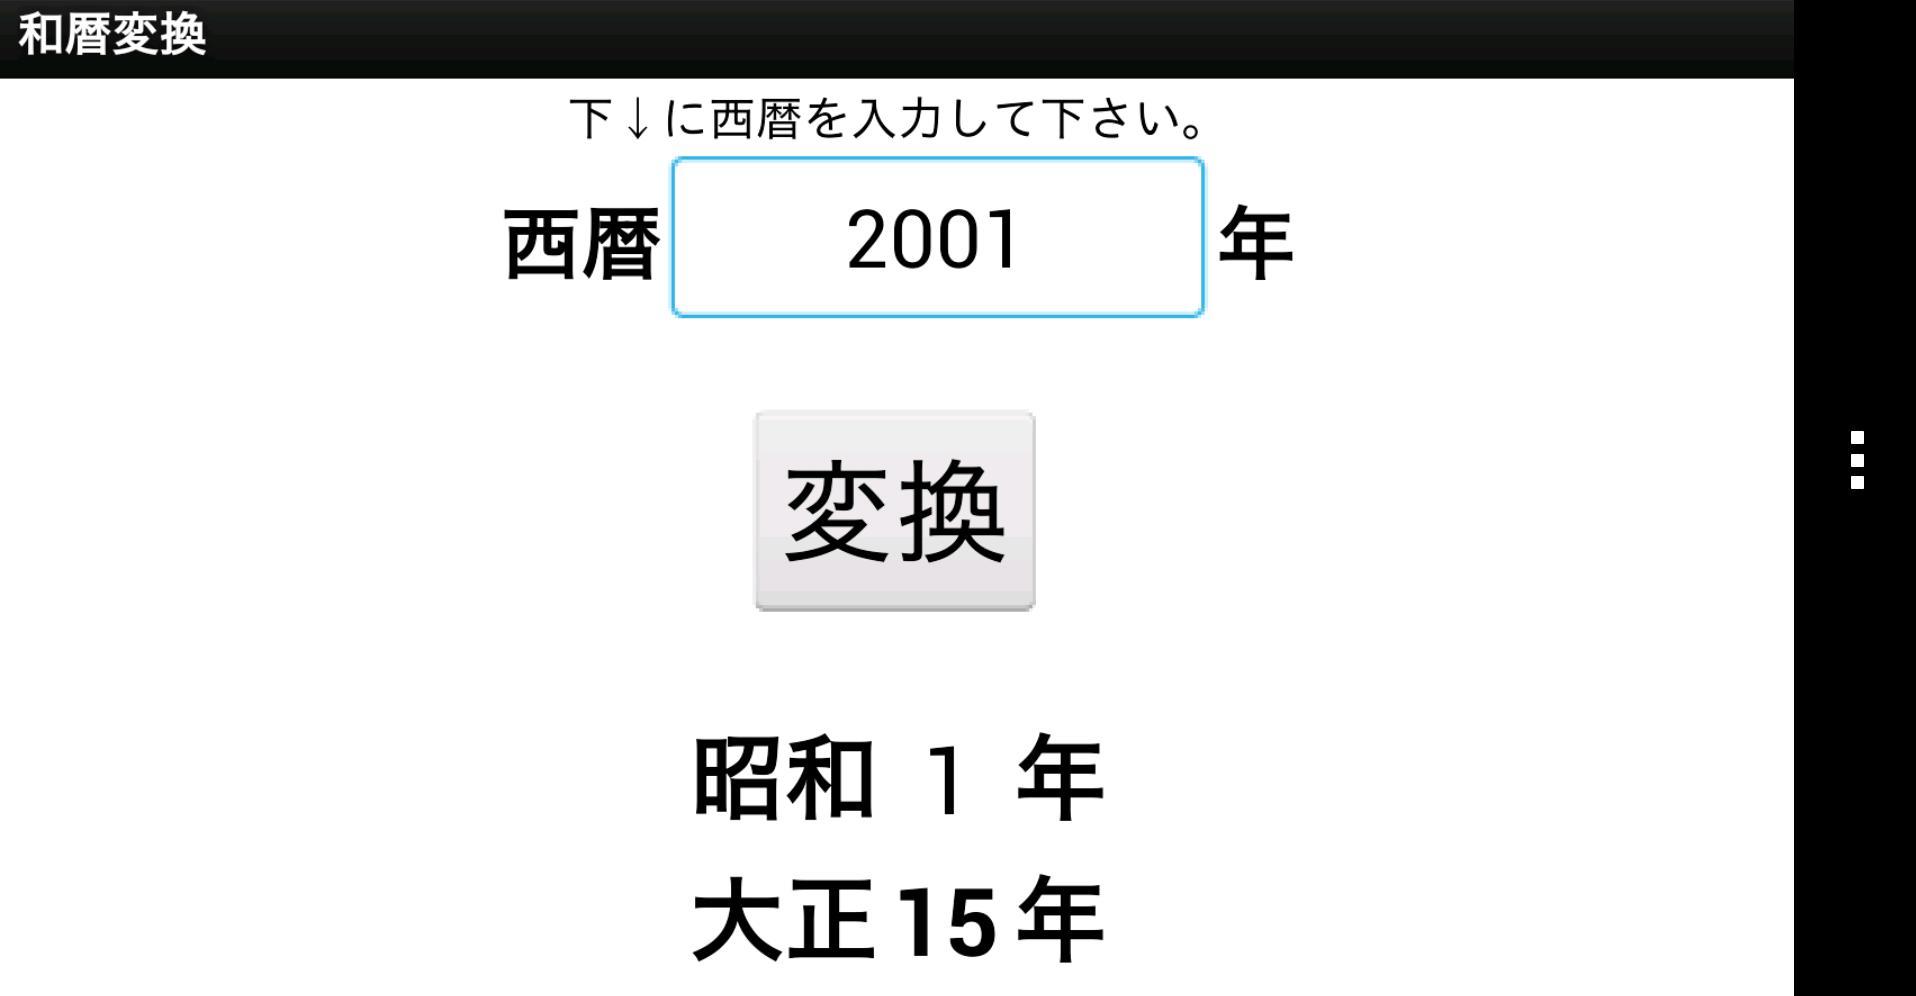 6 西暦 平成 年